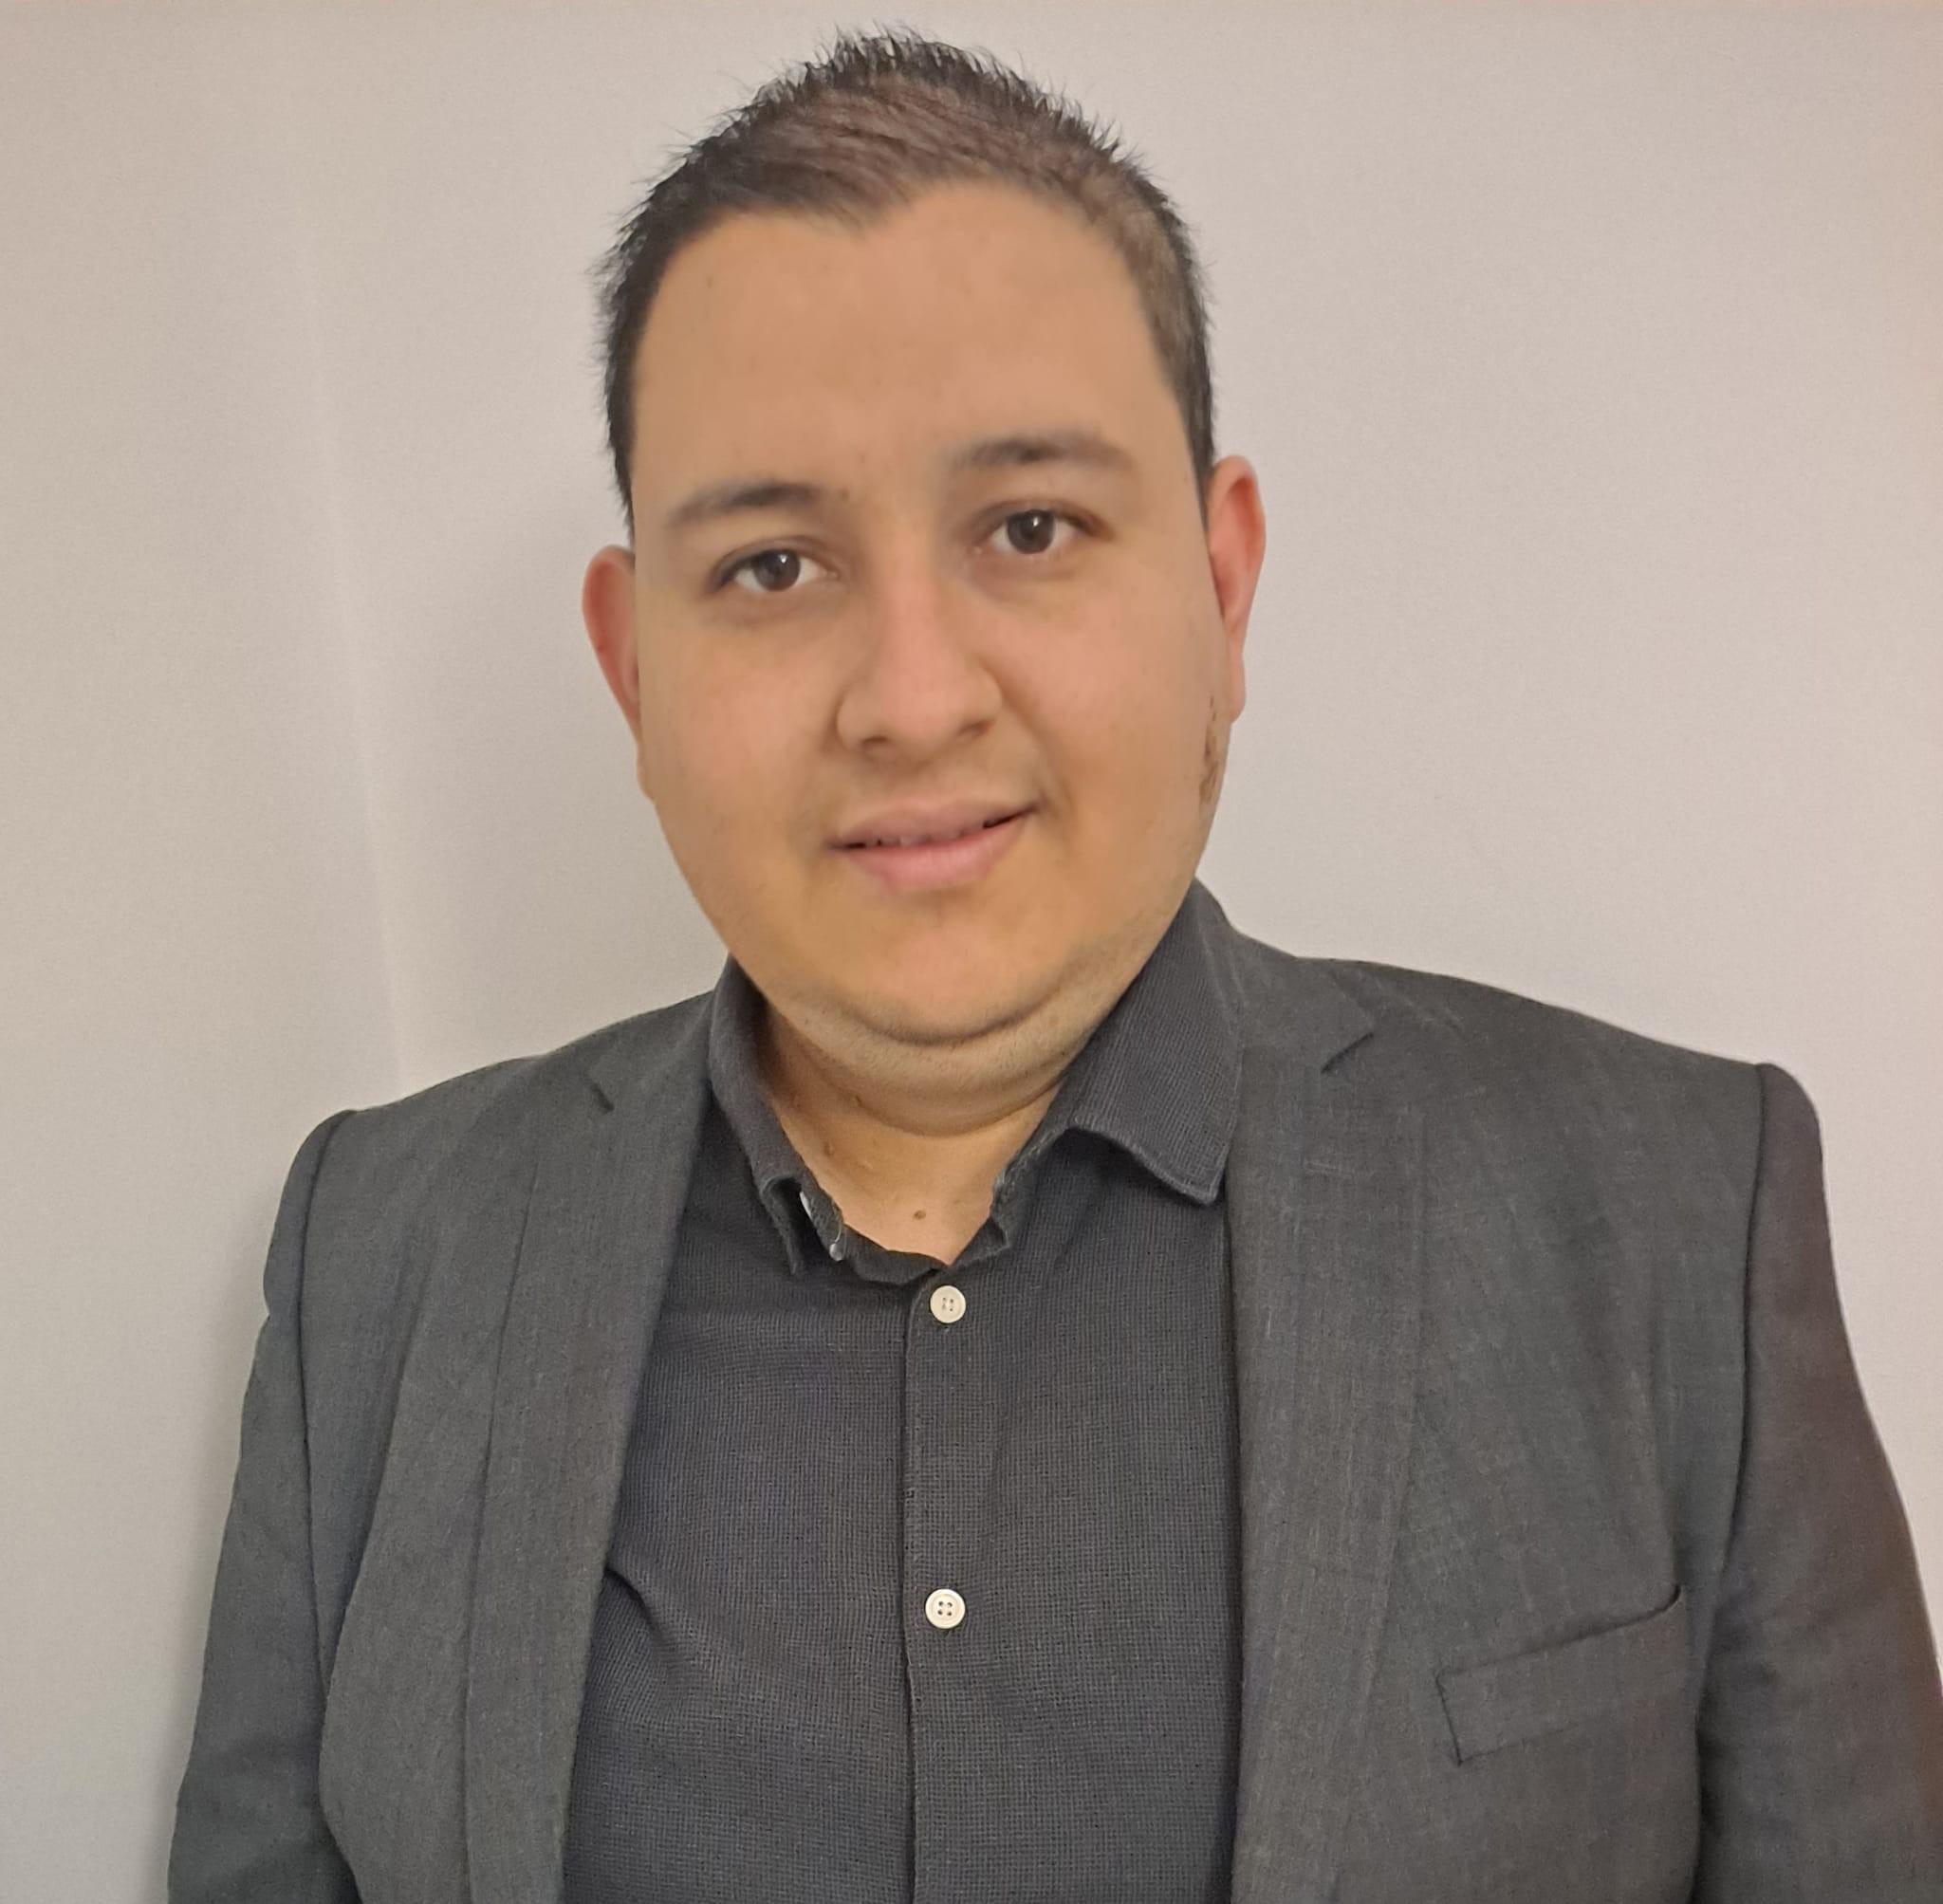 Diego Quintero San Miguel